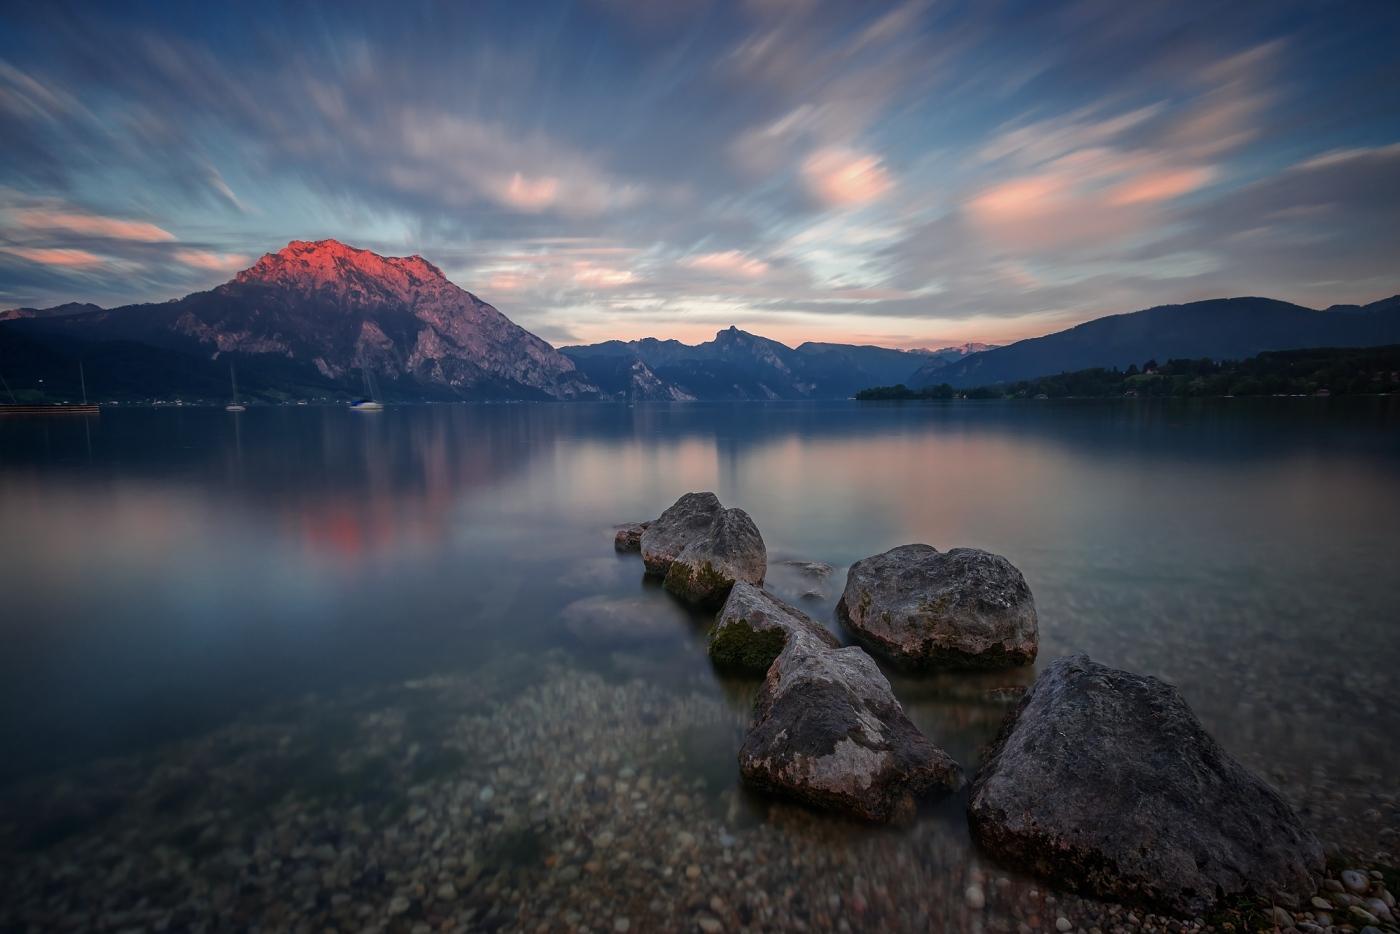 Jezero Traunsee, Rakousko. D600, Nikon 17-35mm f/2,8 AF-S, clona f/10, čas 179 sekund, ohnisko 17 mm, ND filtr 1000x VFFOTO TITANIUM GS 67 mm, Přechodový filtr VFFOTO NHDQ 0.9 soft 100x150 mm